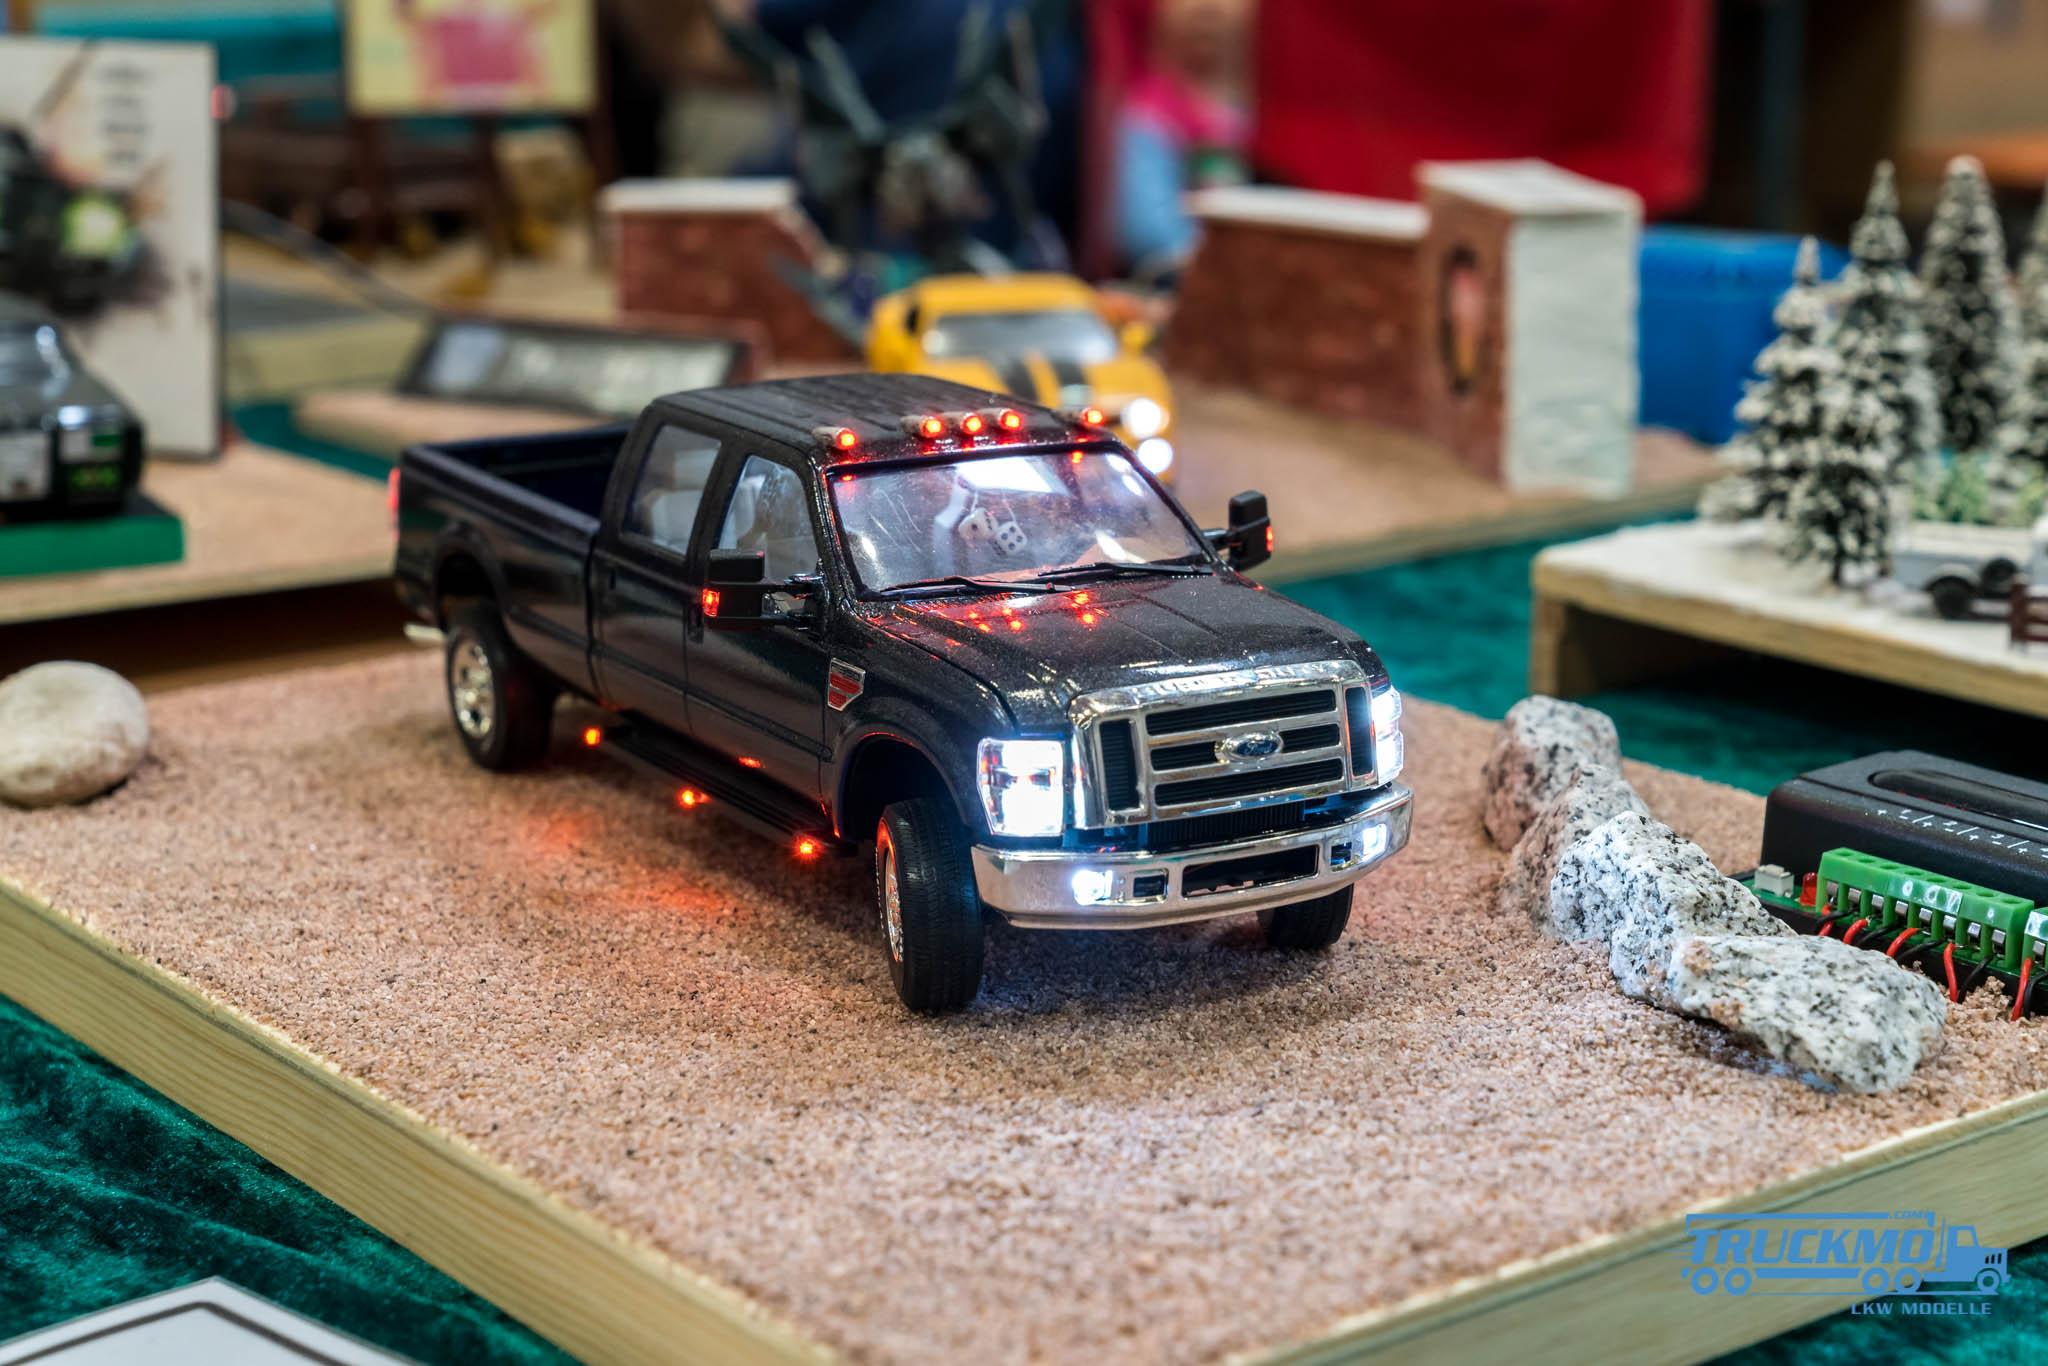 Truckmo_Modellbau_Ried_2017_Herpa_Messe_Modellbauausstellung (354 von 1177)